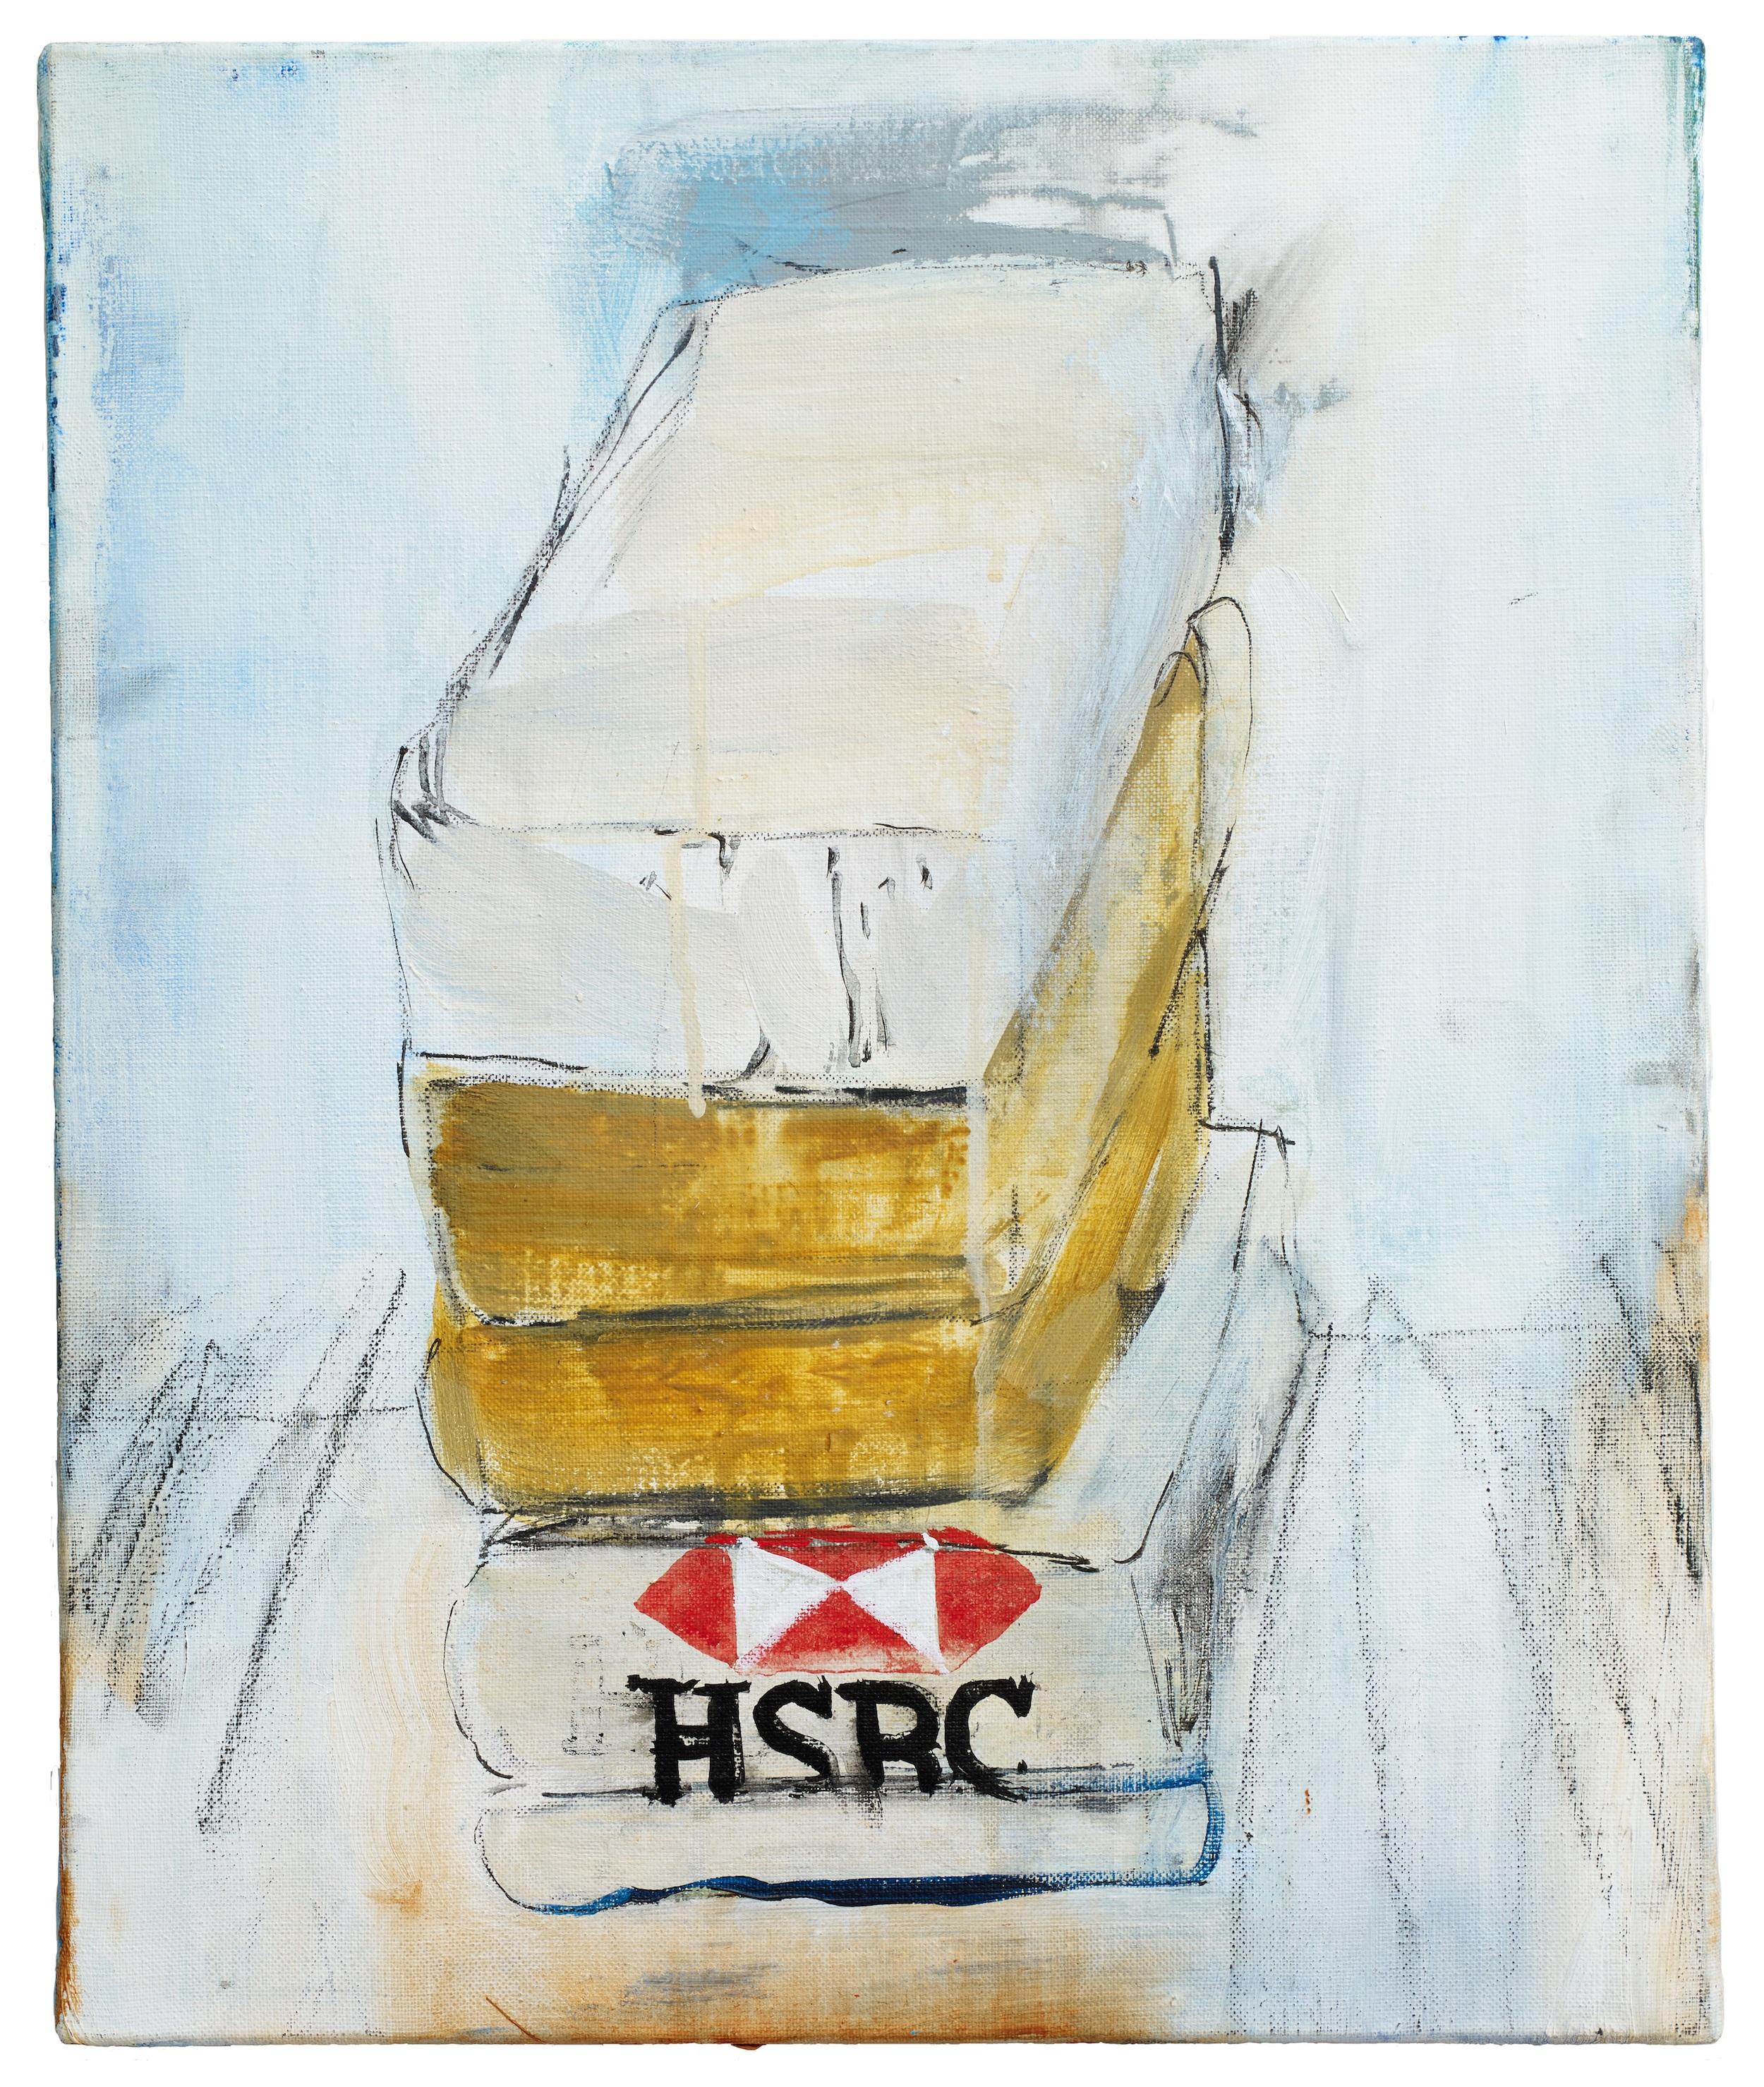 Brian Maguire  Cocaine Laundry Series, HSBC , 2015 Acrylic on canvas 46 x 38 cm